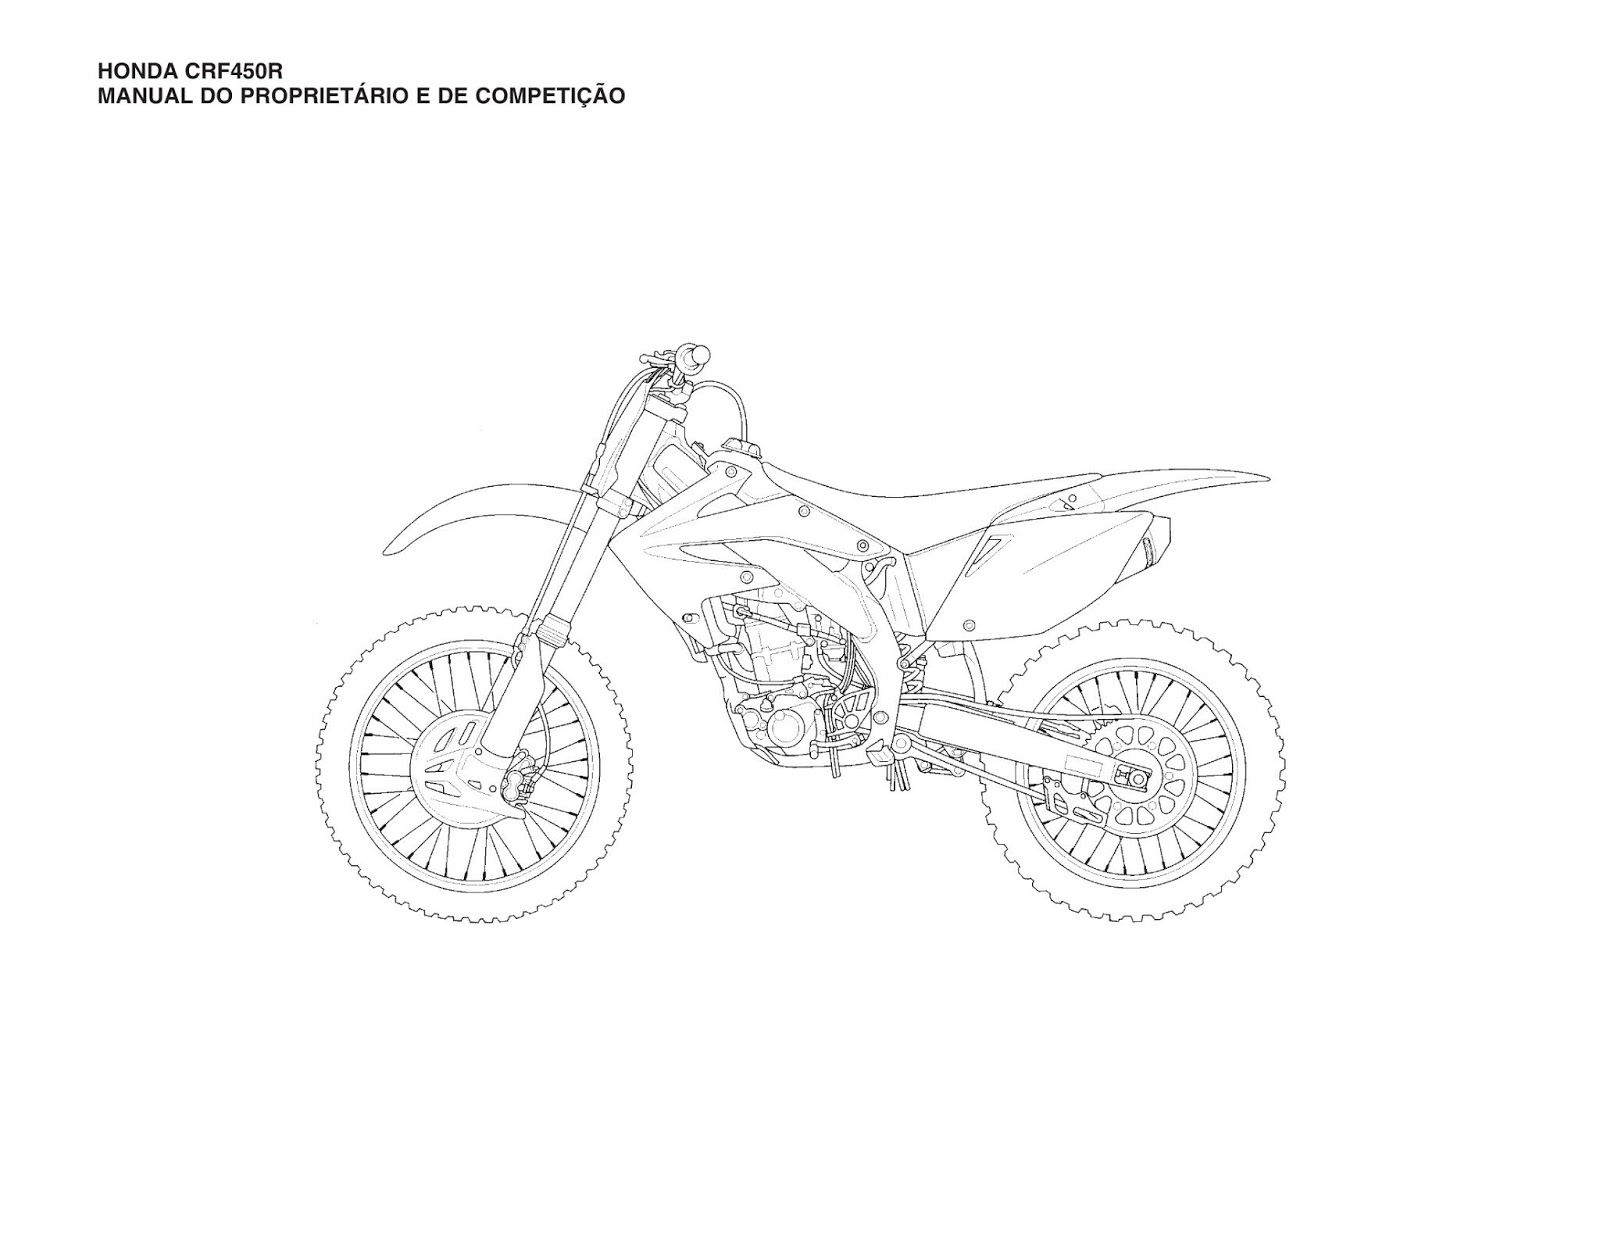 MANUAL DA SUA MOTO: MANUAL DO PROPRIETÁRIO HONDA CRF 450R 2008